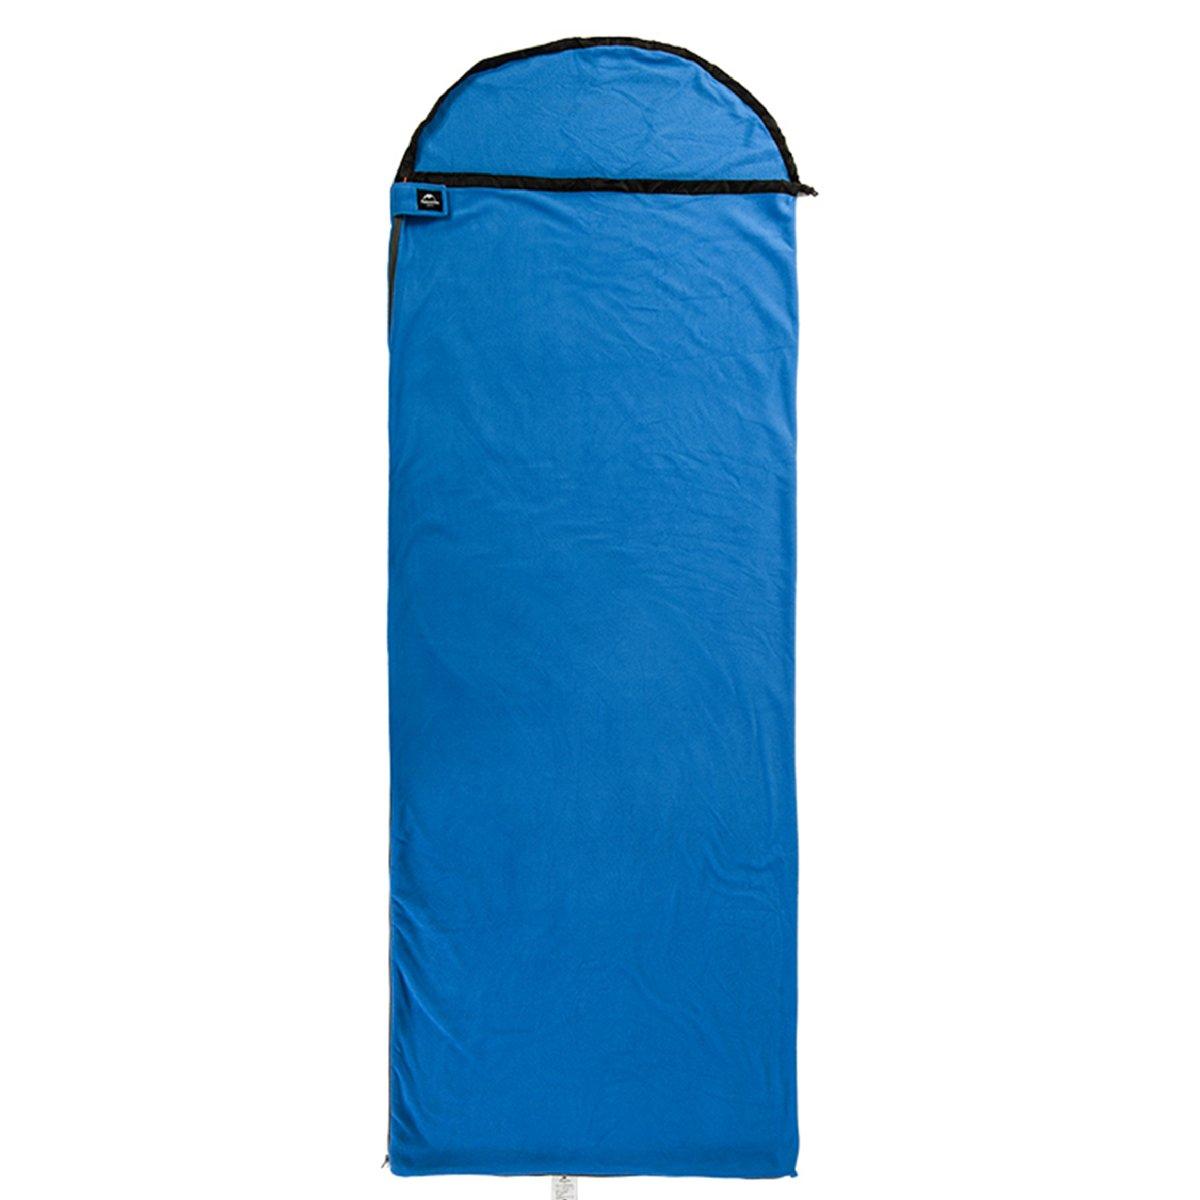 3. Osage River Microfiber Zippered Sleeping Bag Liner